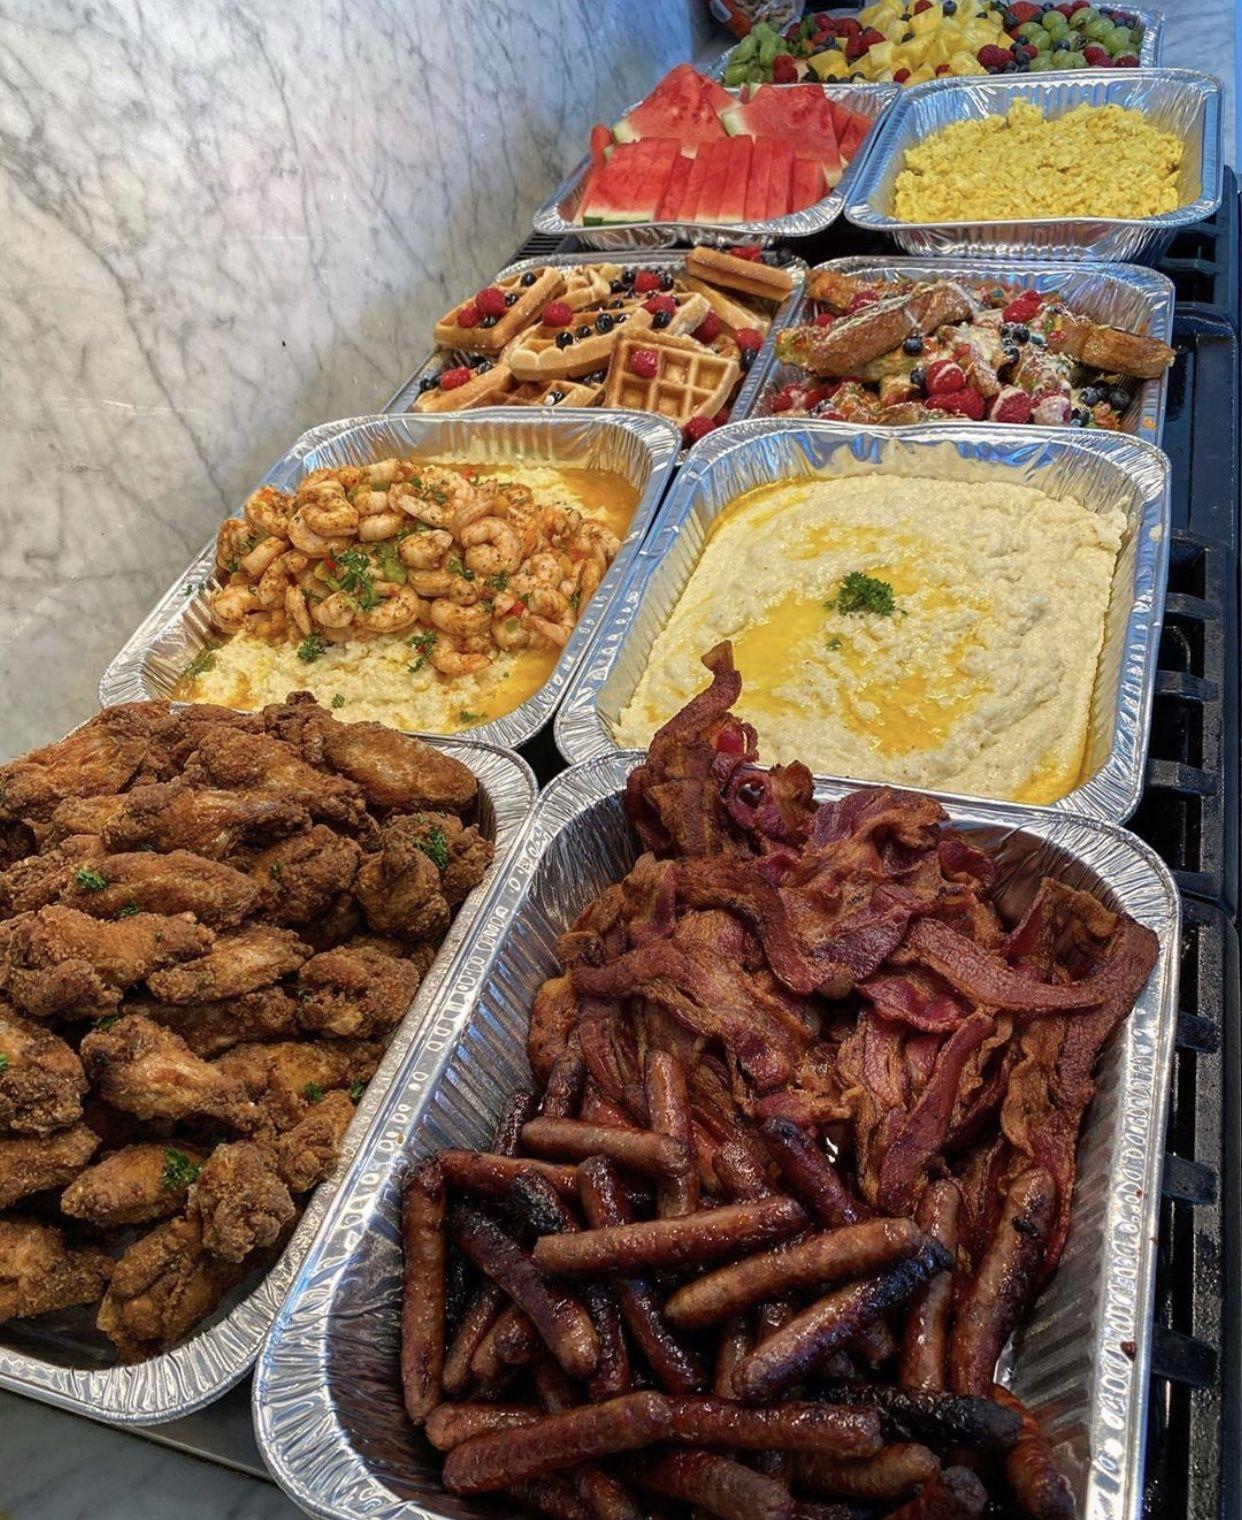 𝑷𝒊𝒏𝒕𝒆𝒓𝒆𝒔𝒕 Mayaxxgarcia In 2020 Buffet Food Food Cravings Food Recipies